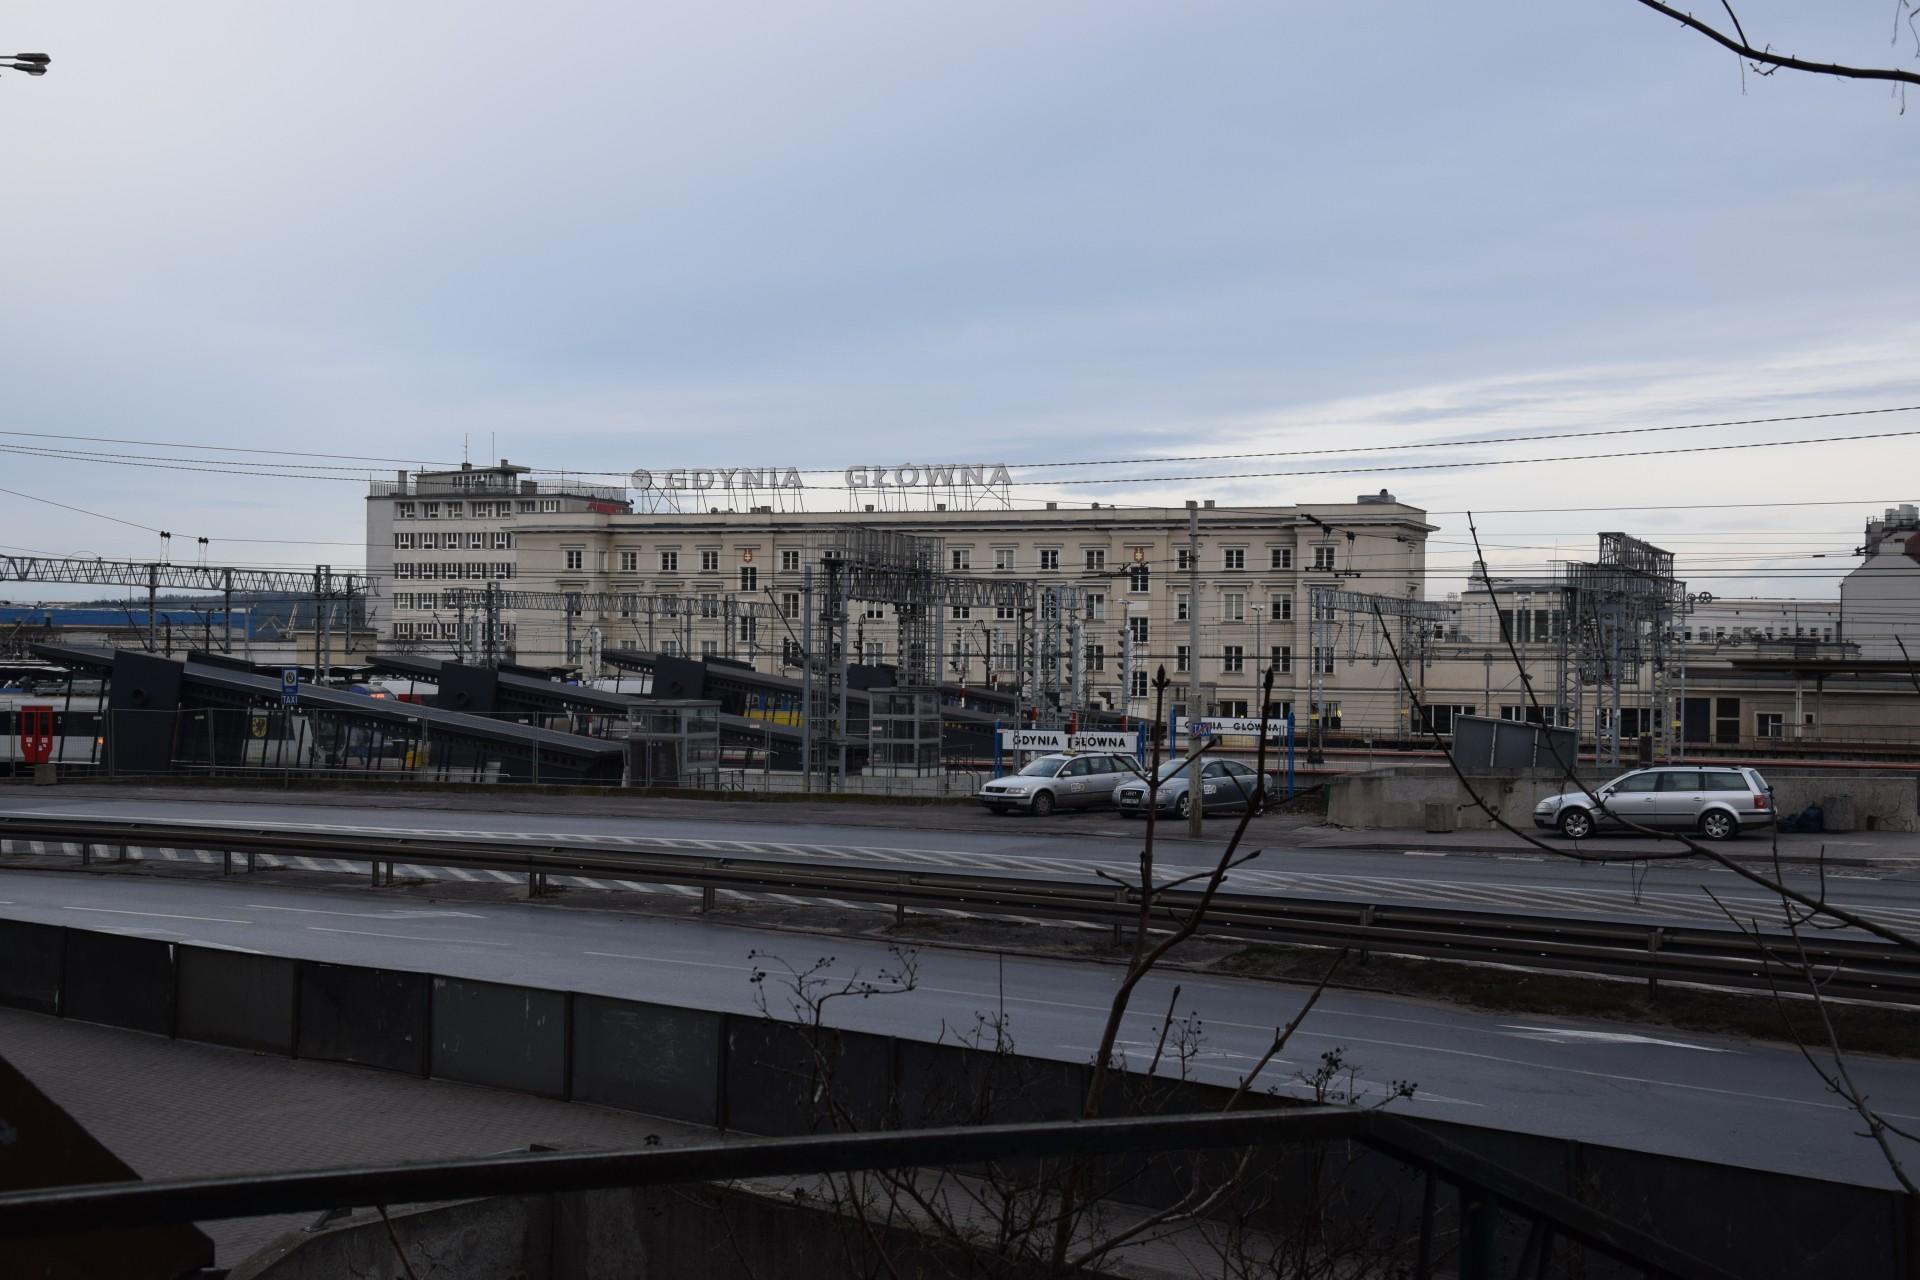 Druga wyprawa do wsi Gdynia 8